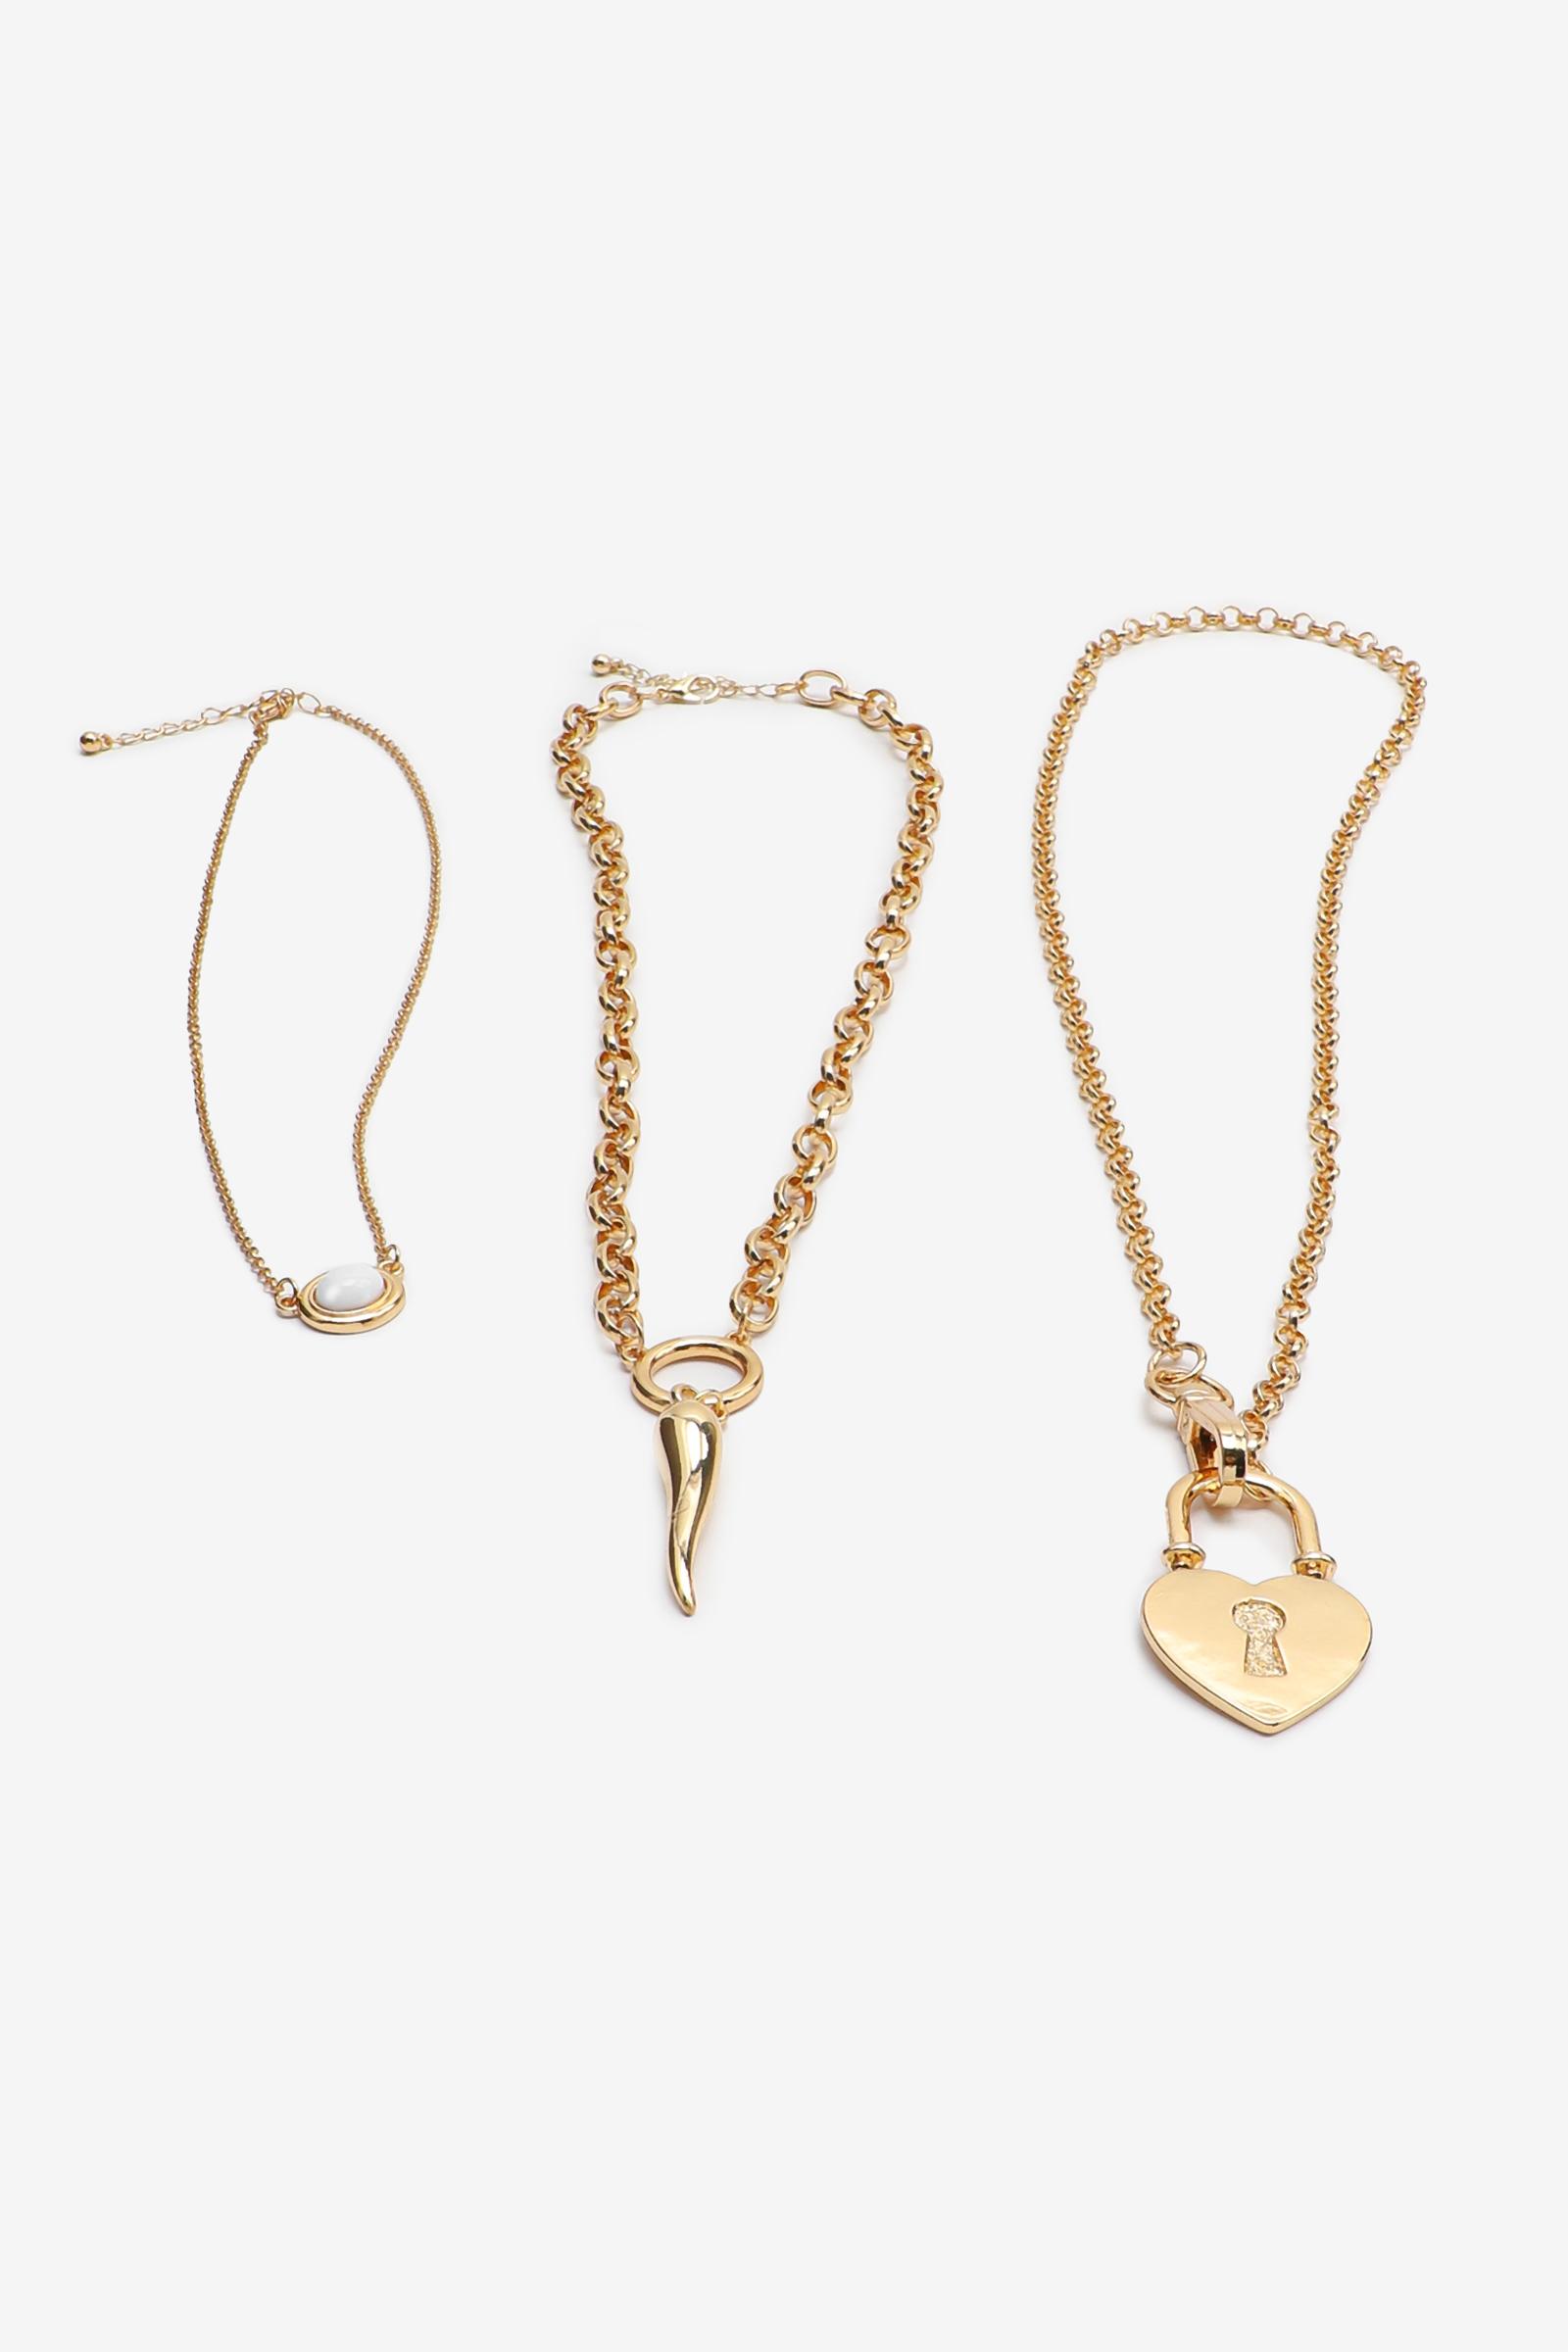 Collier de chaînes superposées à cadenas en coeur